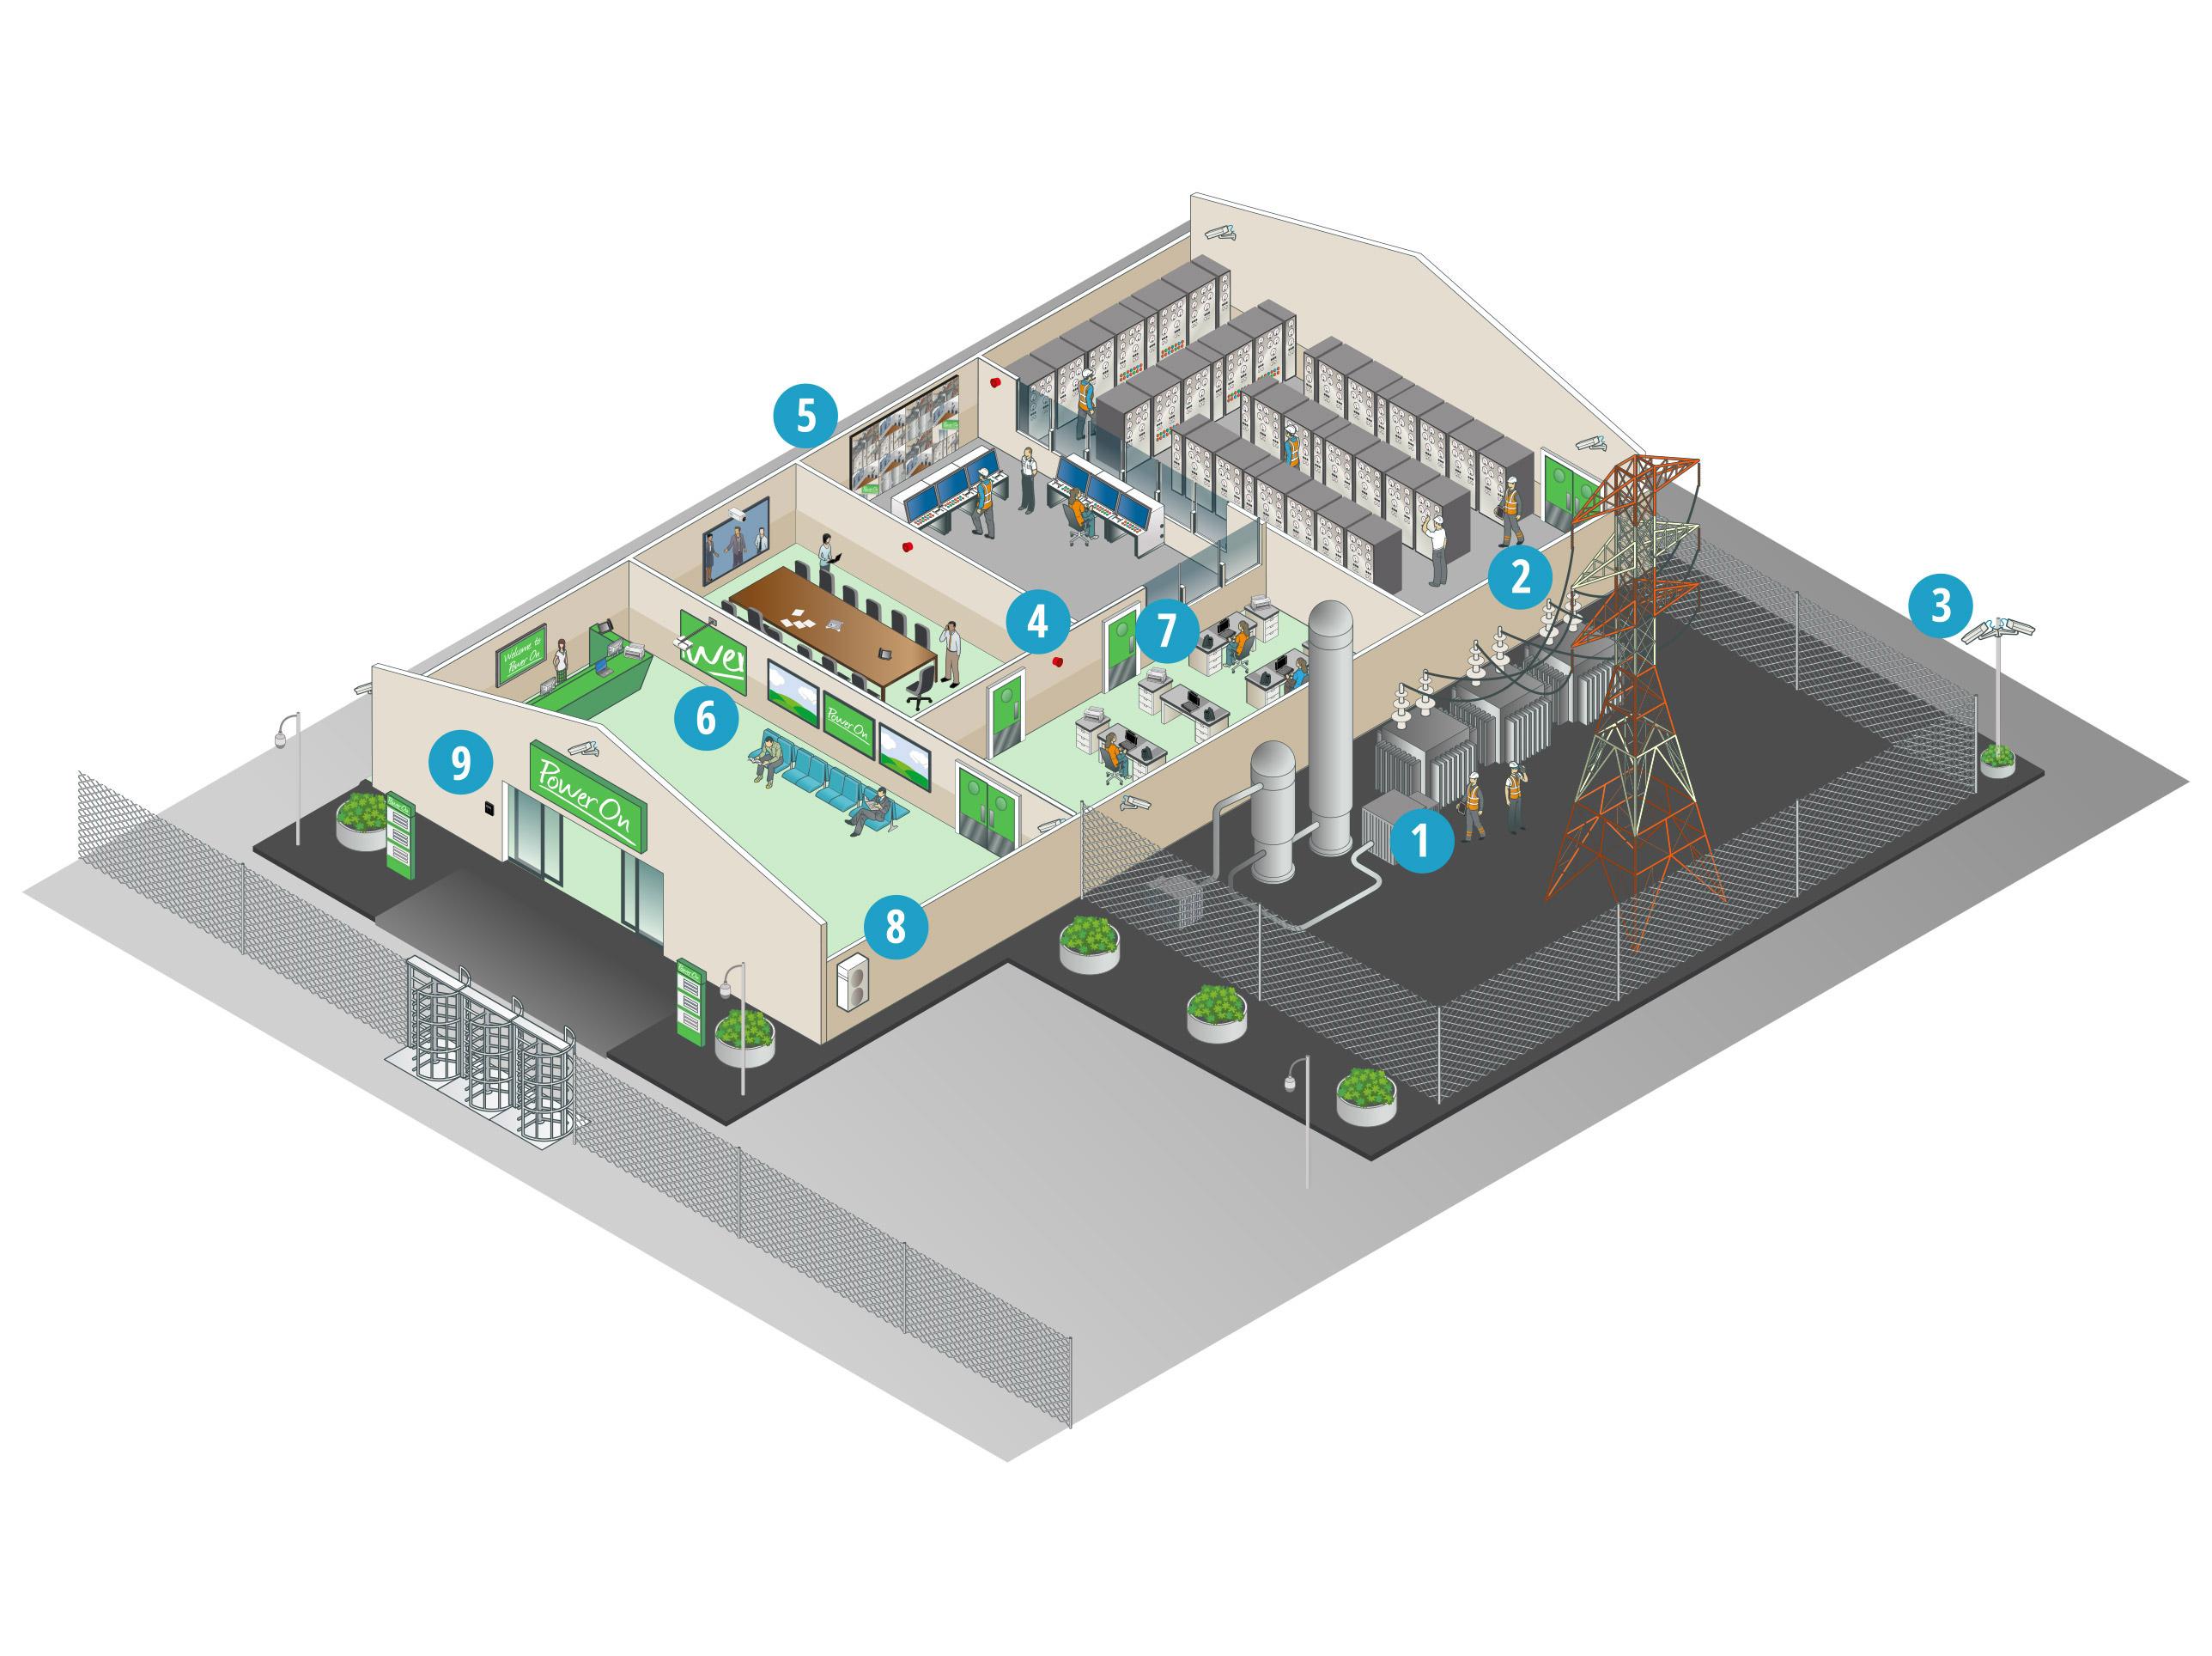 Comment les solutions de Panasonic aident-elles les services d'eau, de gaz et d'électricité?